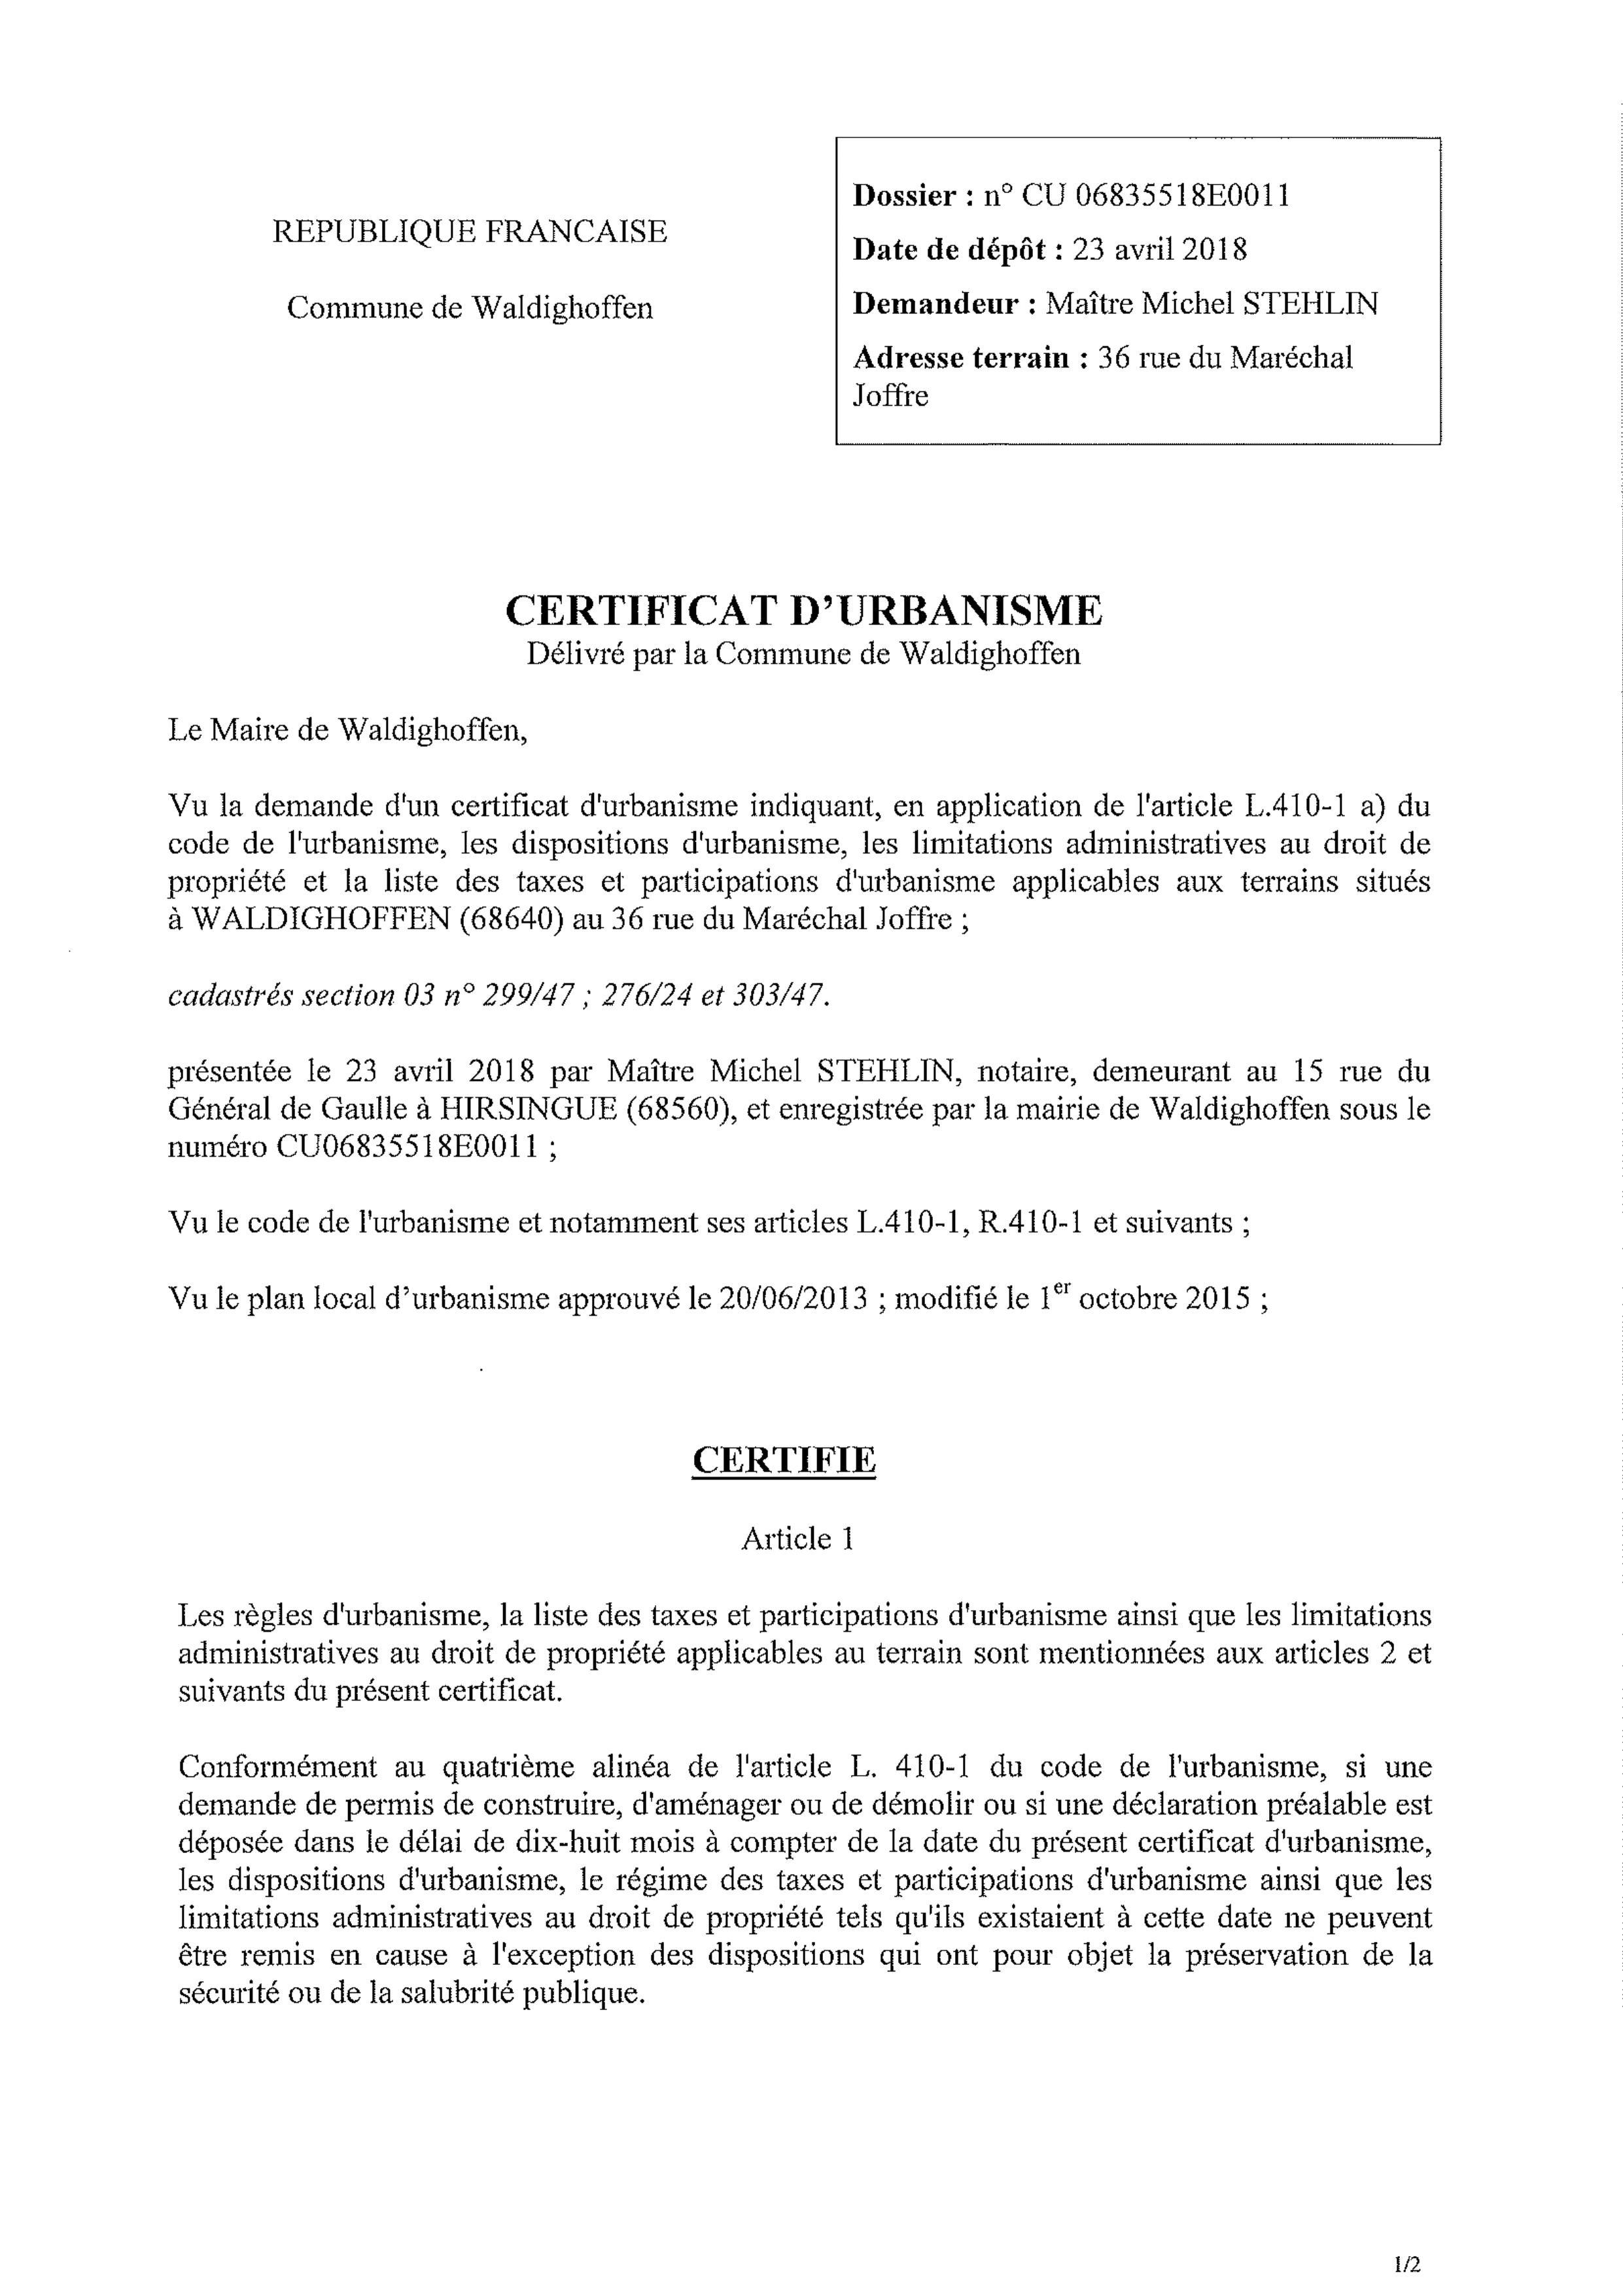 Certificat d'urbanisme établi pour Maître Michel STEHLIN